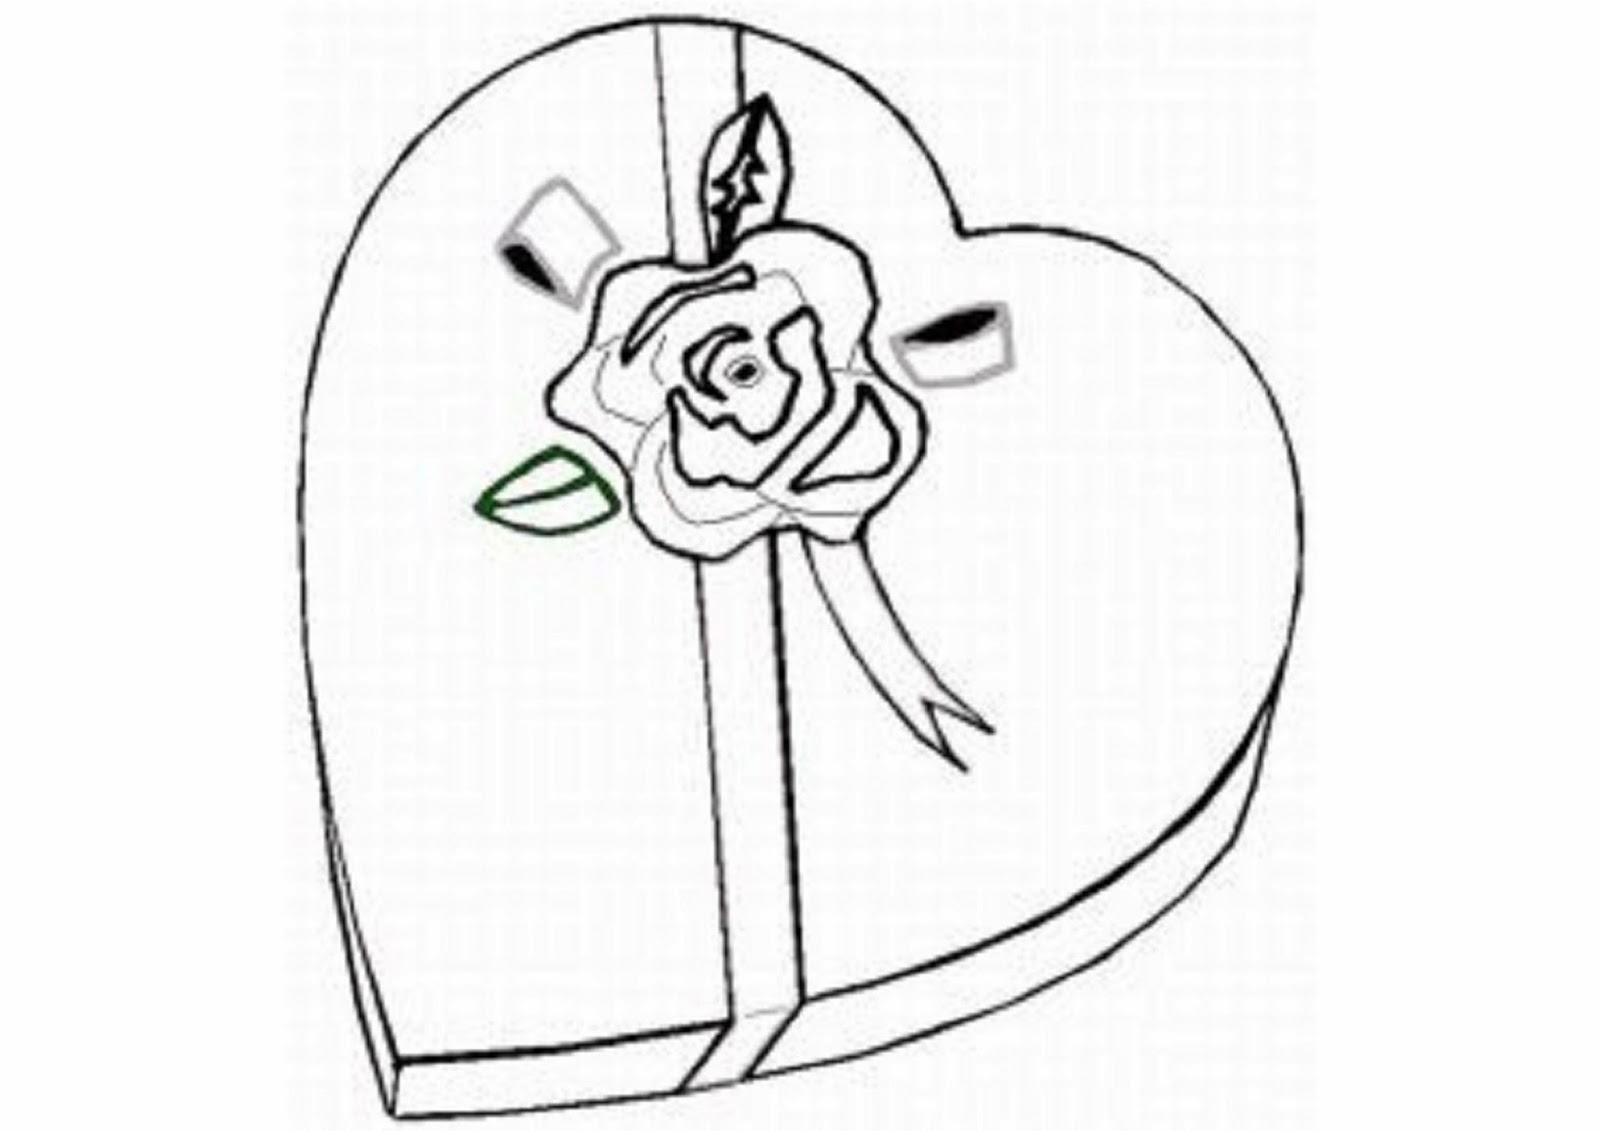 صور رسومات للتلوين للاطفال تلوين رسم اطفال 9)